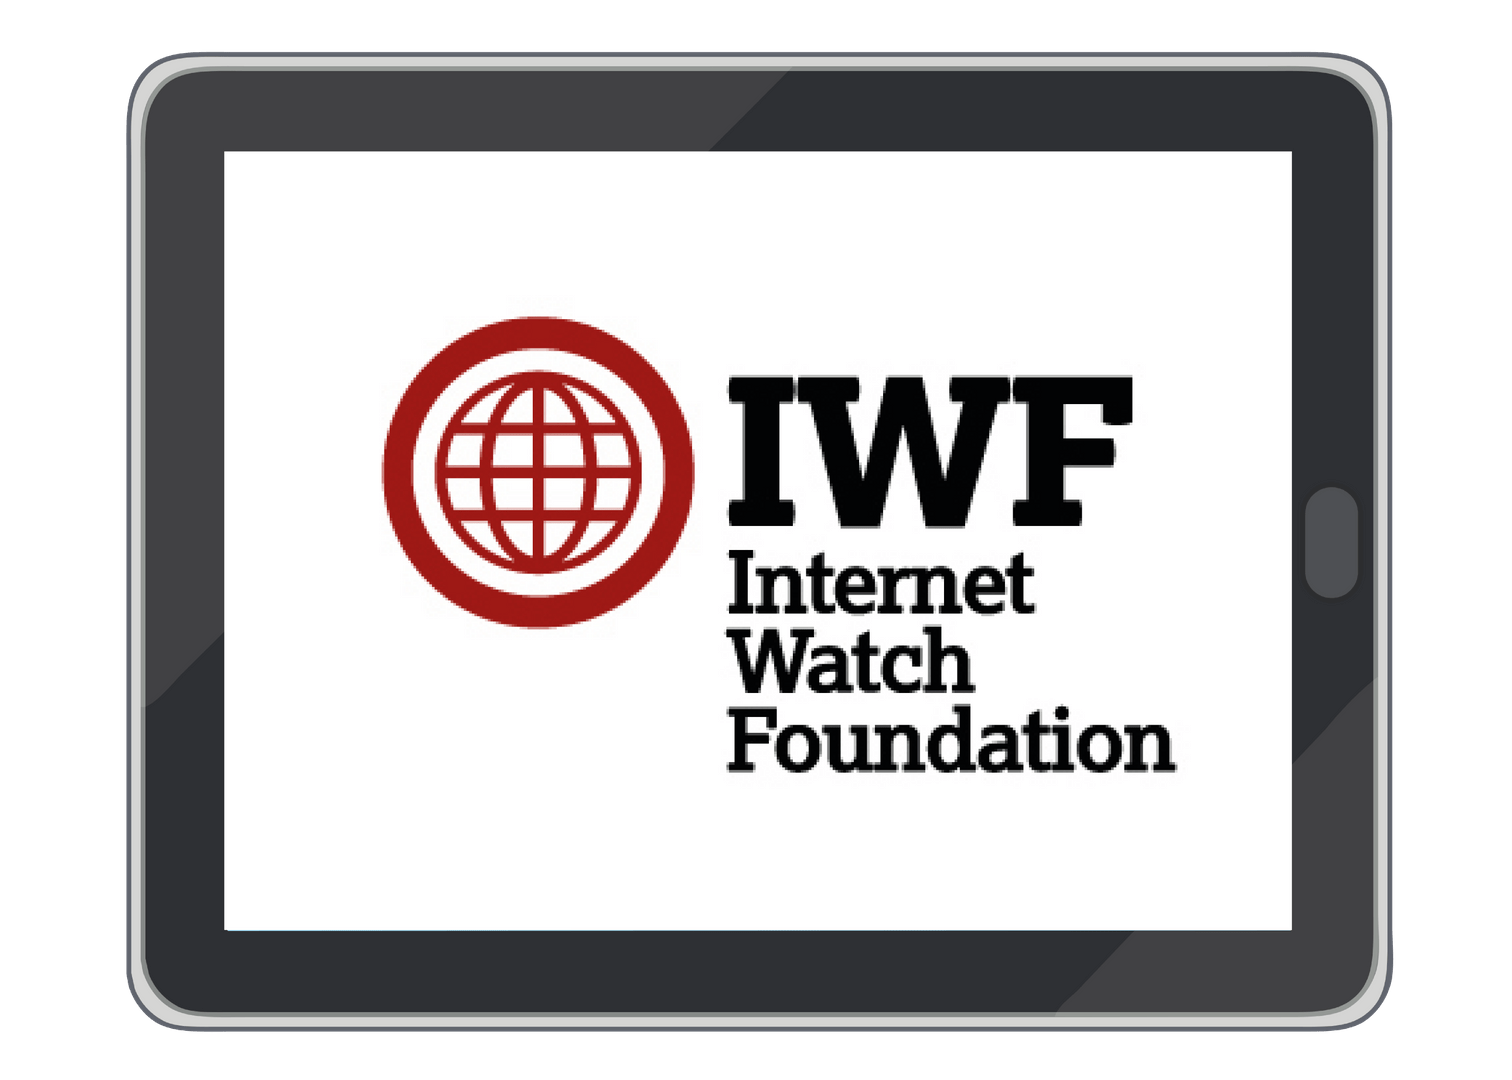 IWF's Logo